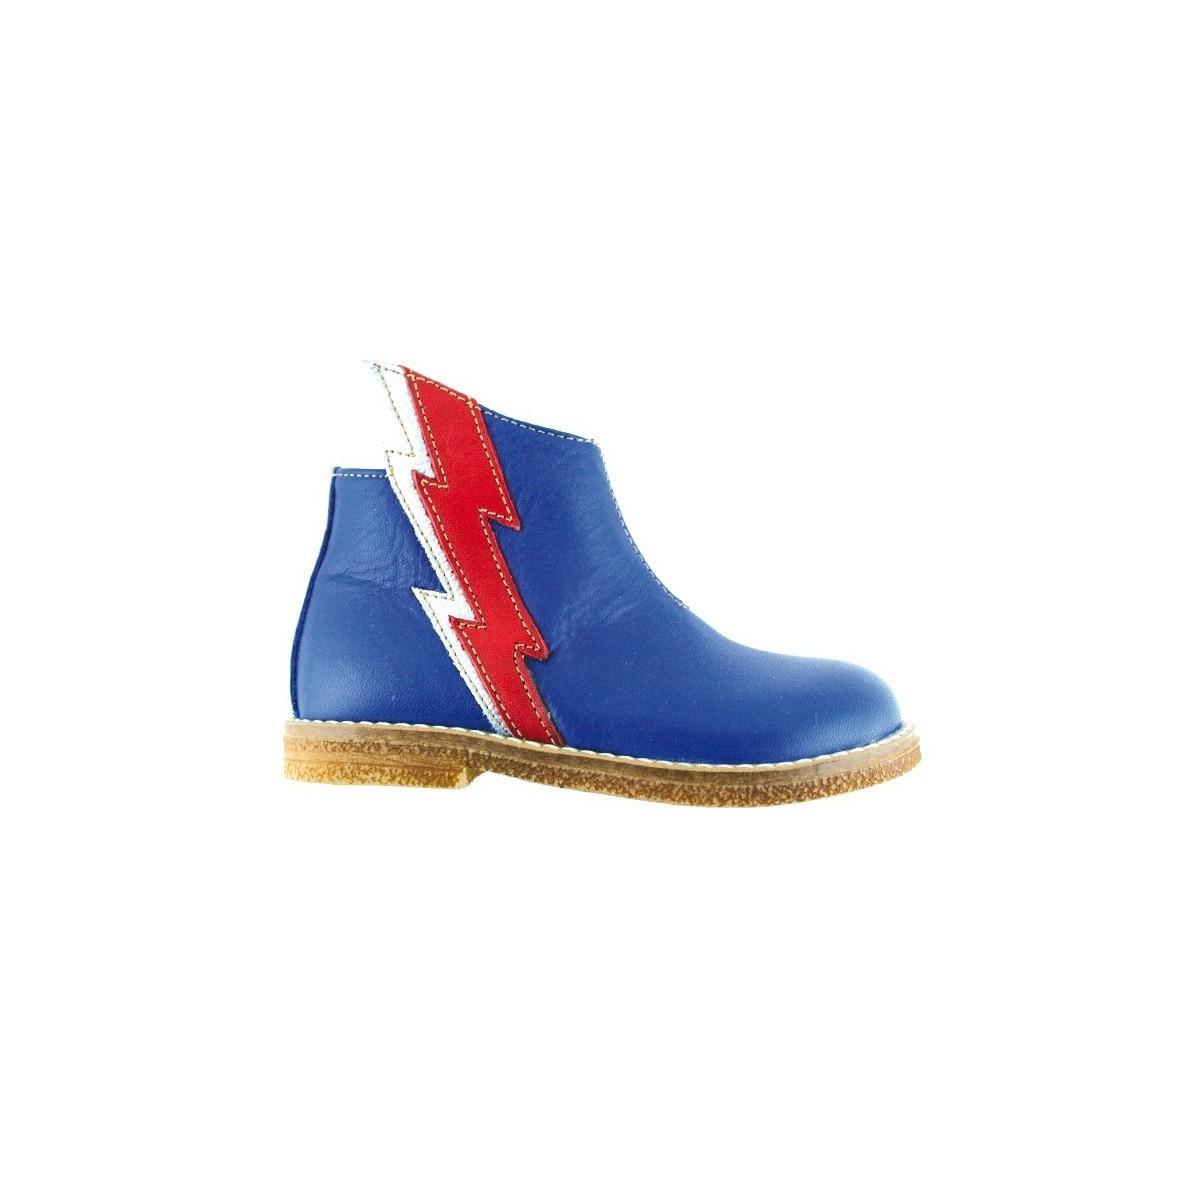 Boots éclair bleu/rouge